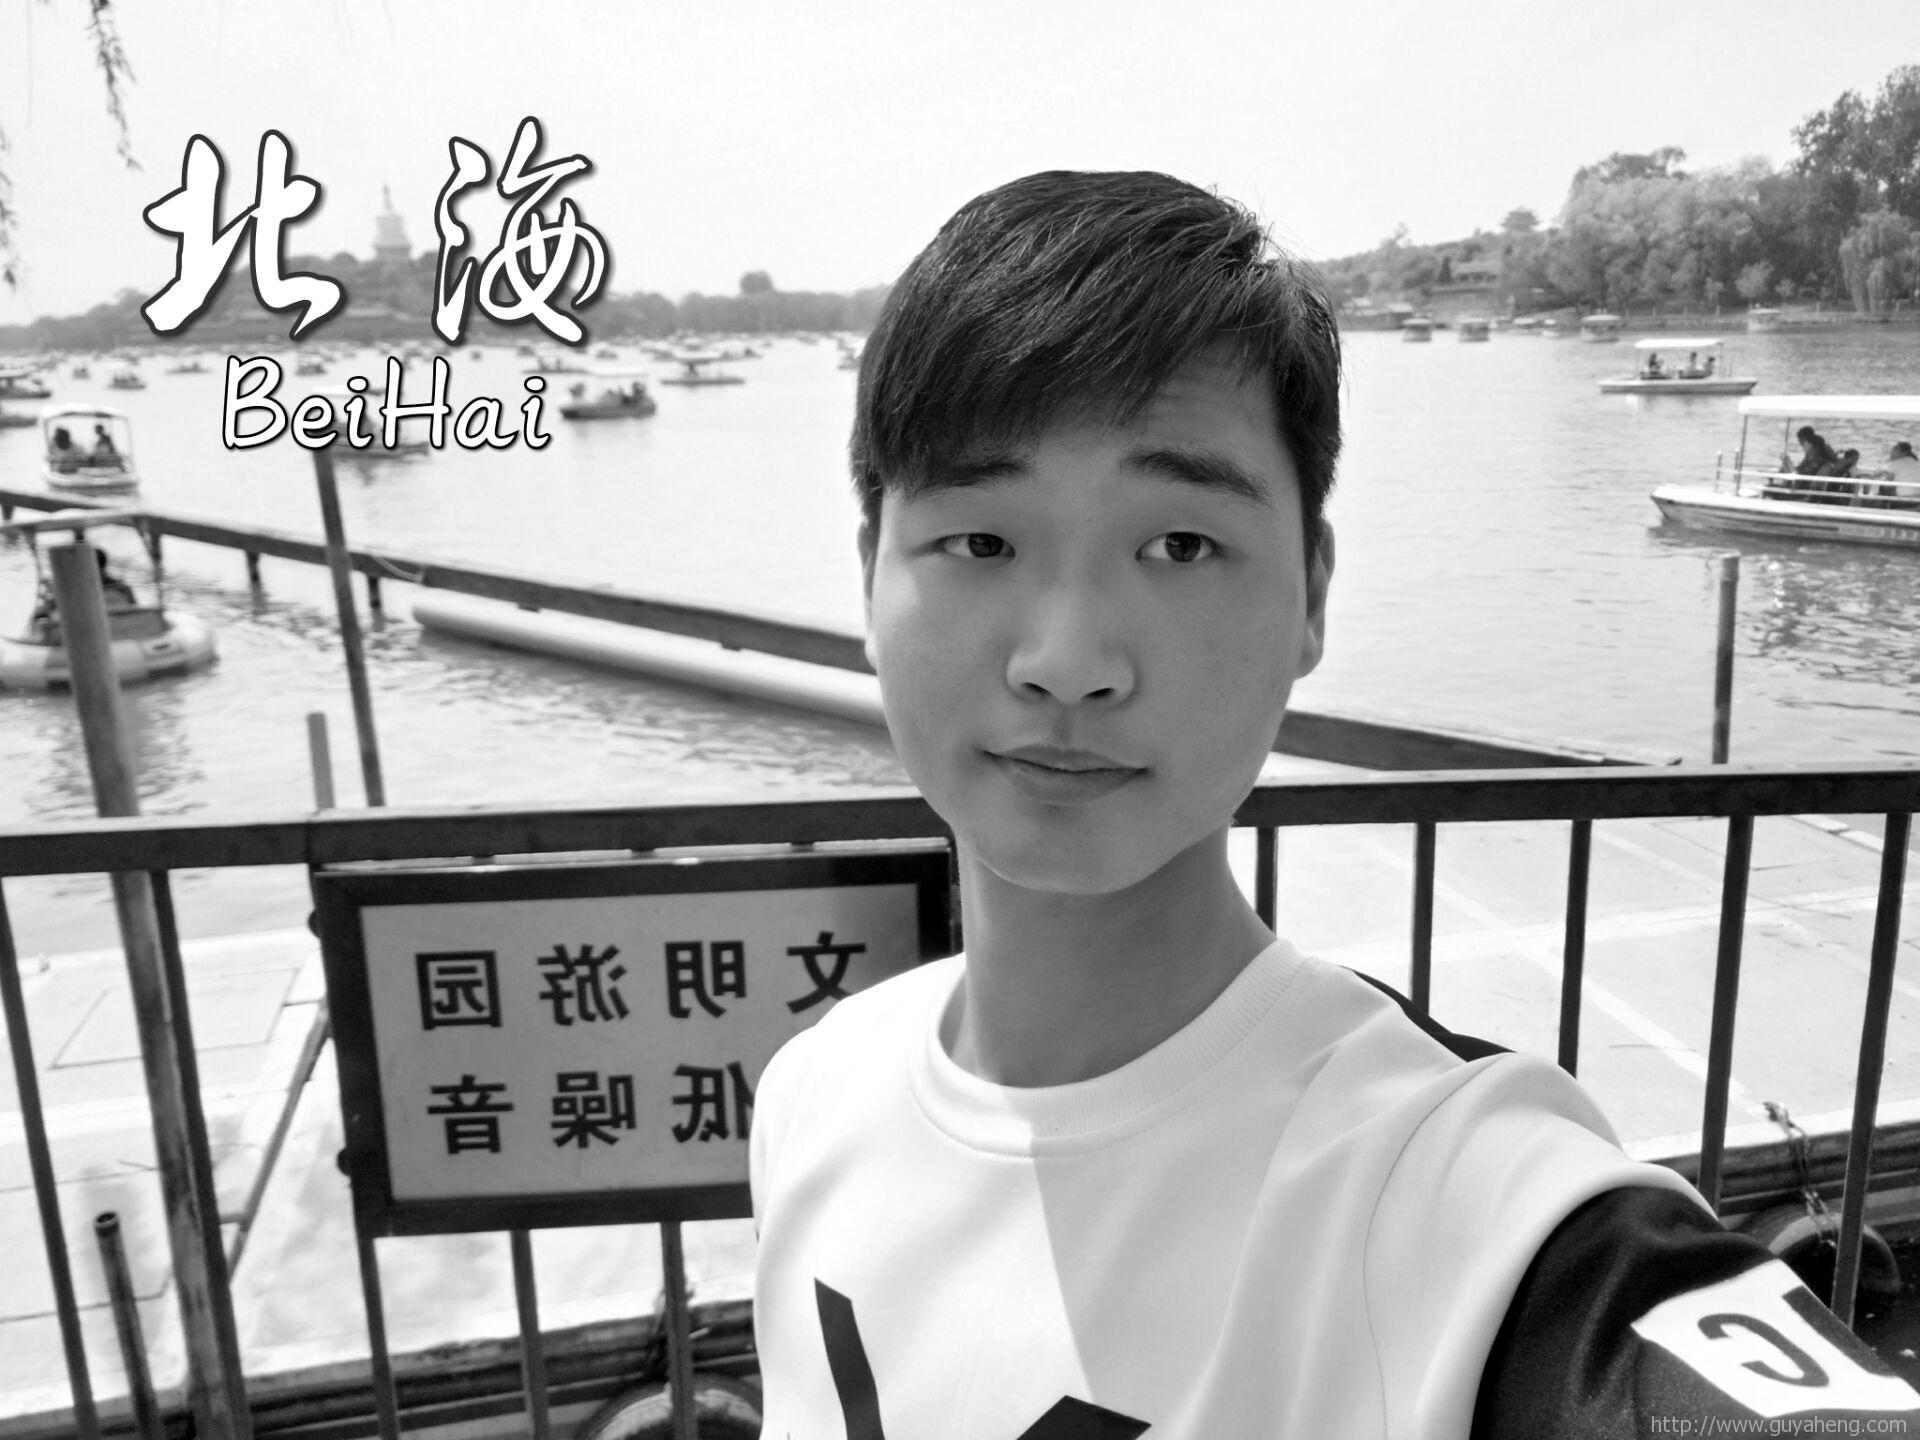 顾亚恒_北海公园(In Beijing)